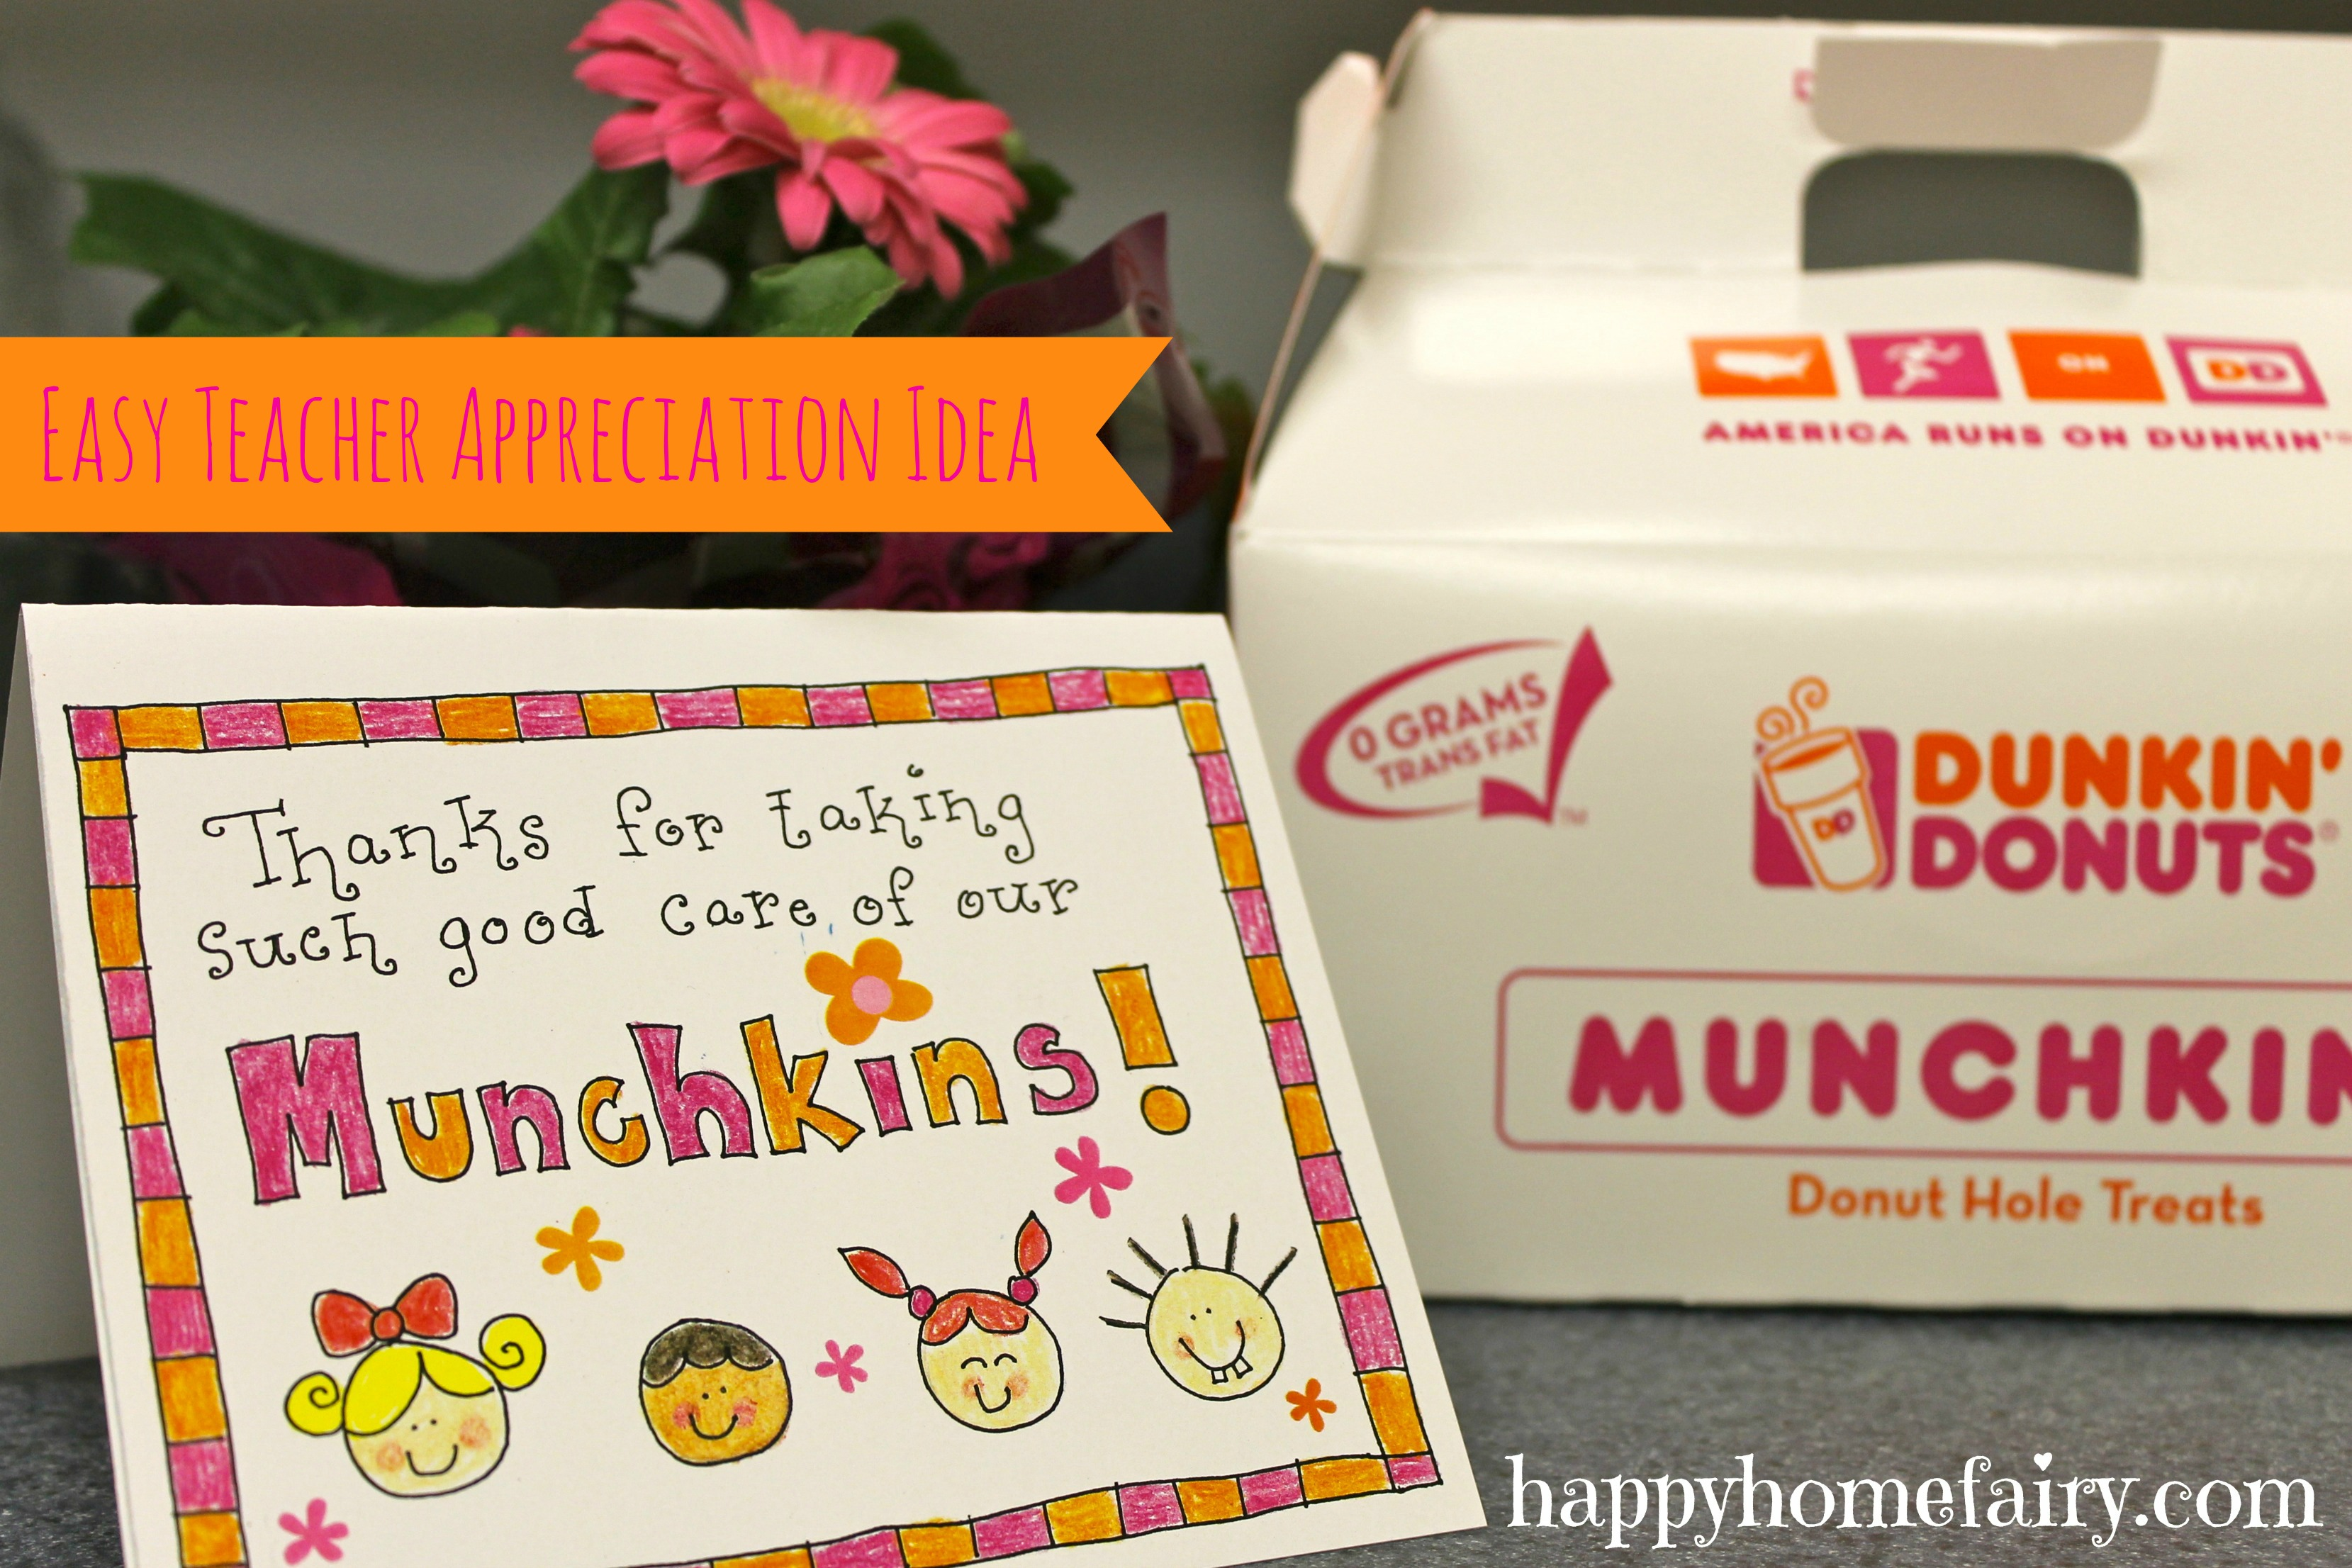 Easy Teacher Appreciation Idea - FREE Printable! - Happy ...